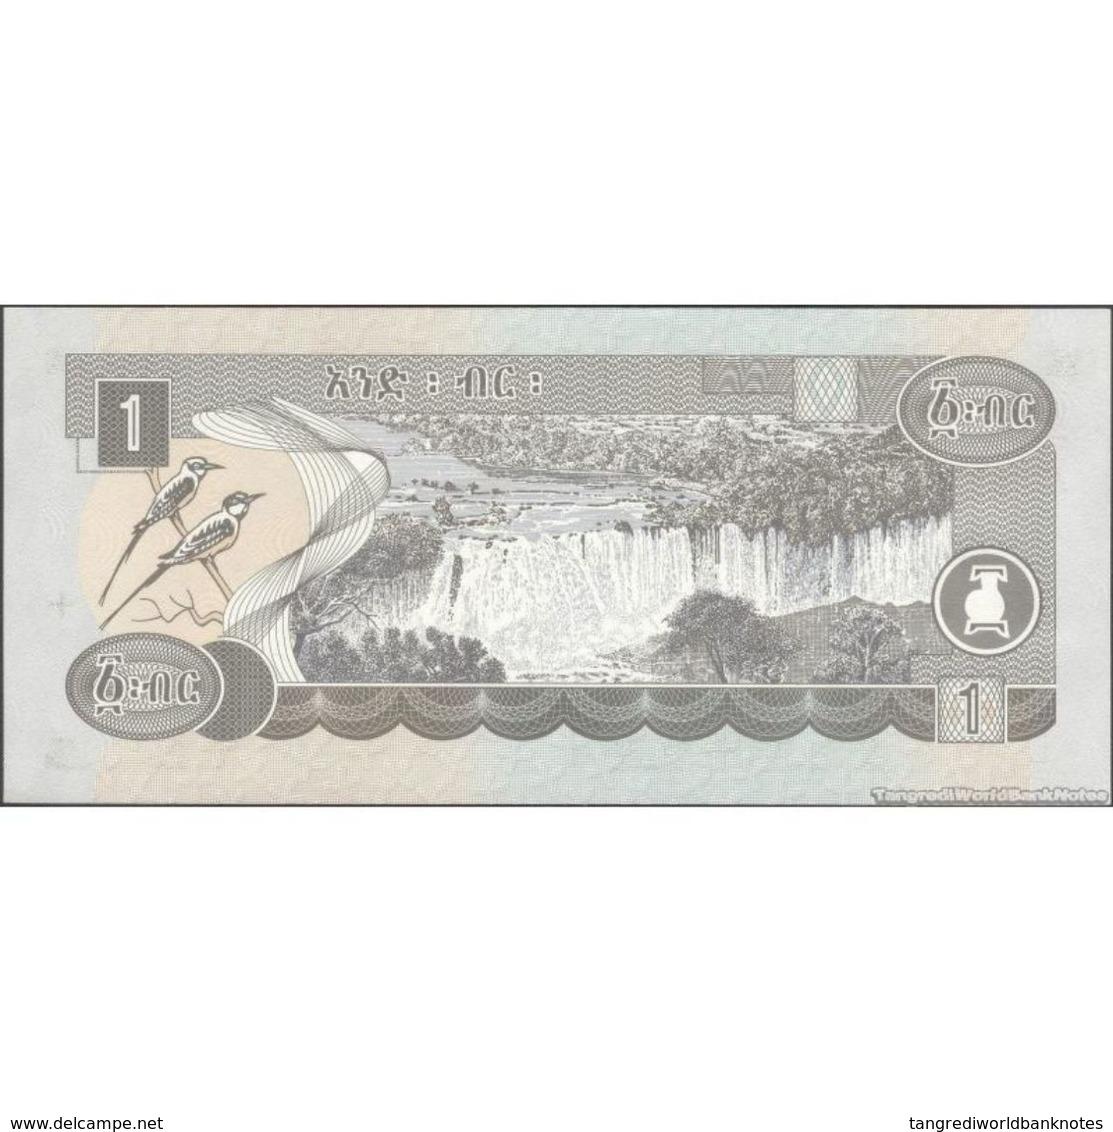 TWN - ETHIOPIA 46e - 1 Birr 2008 Replacement VV UNC - Ethiopie